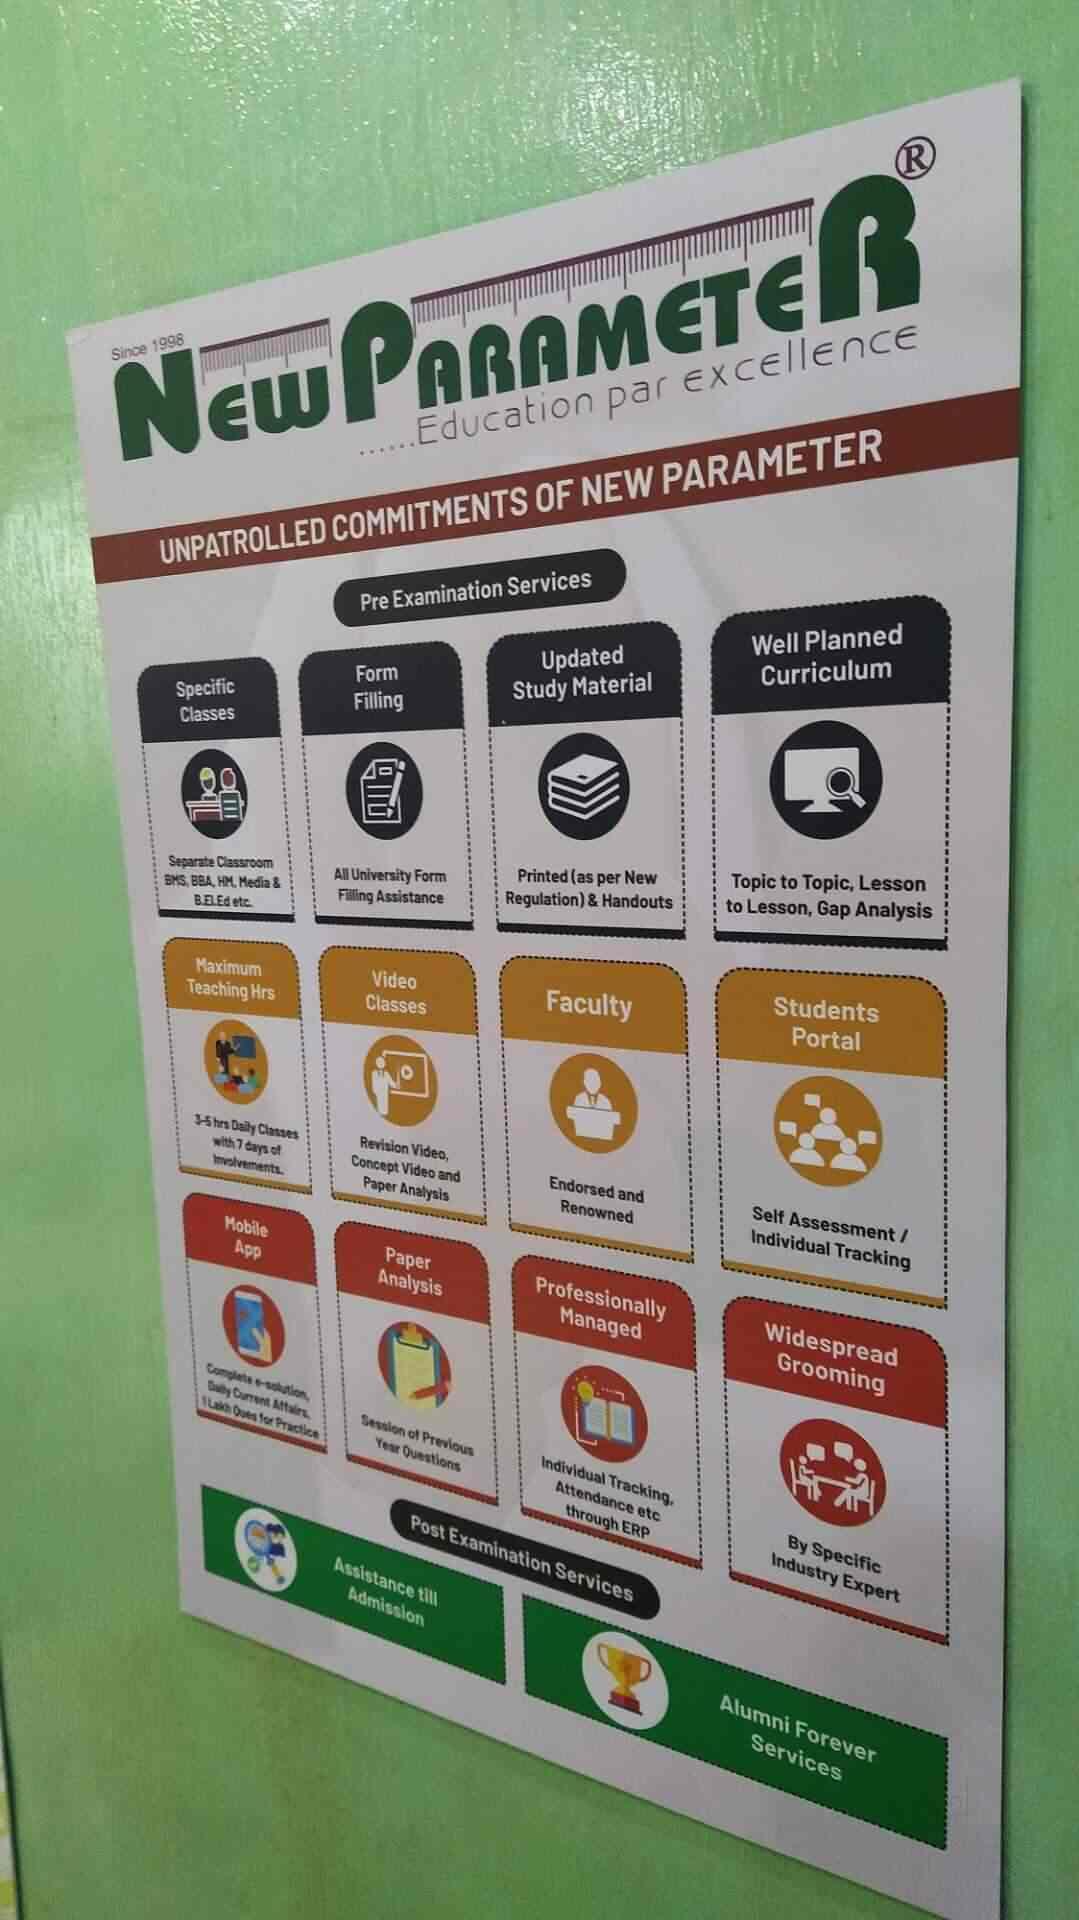 New Parameter Coaching Logo